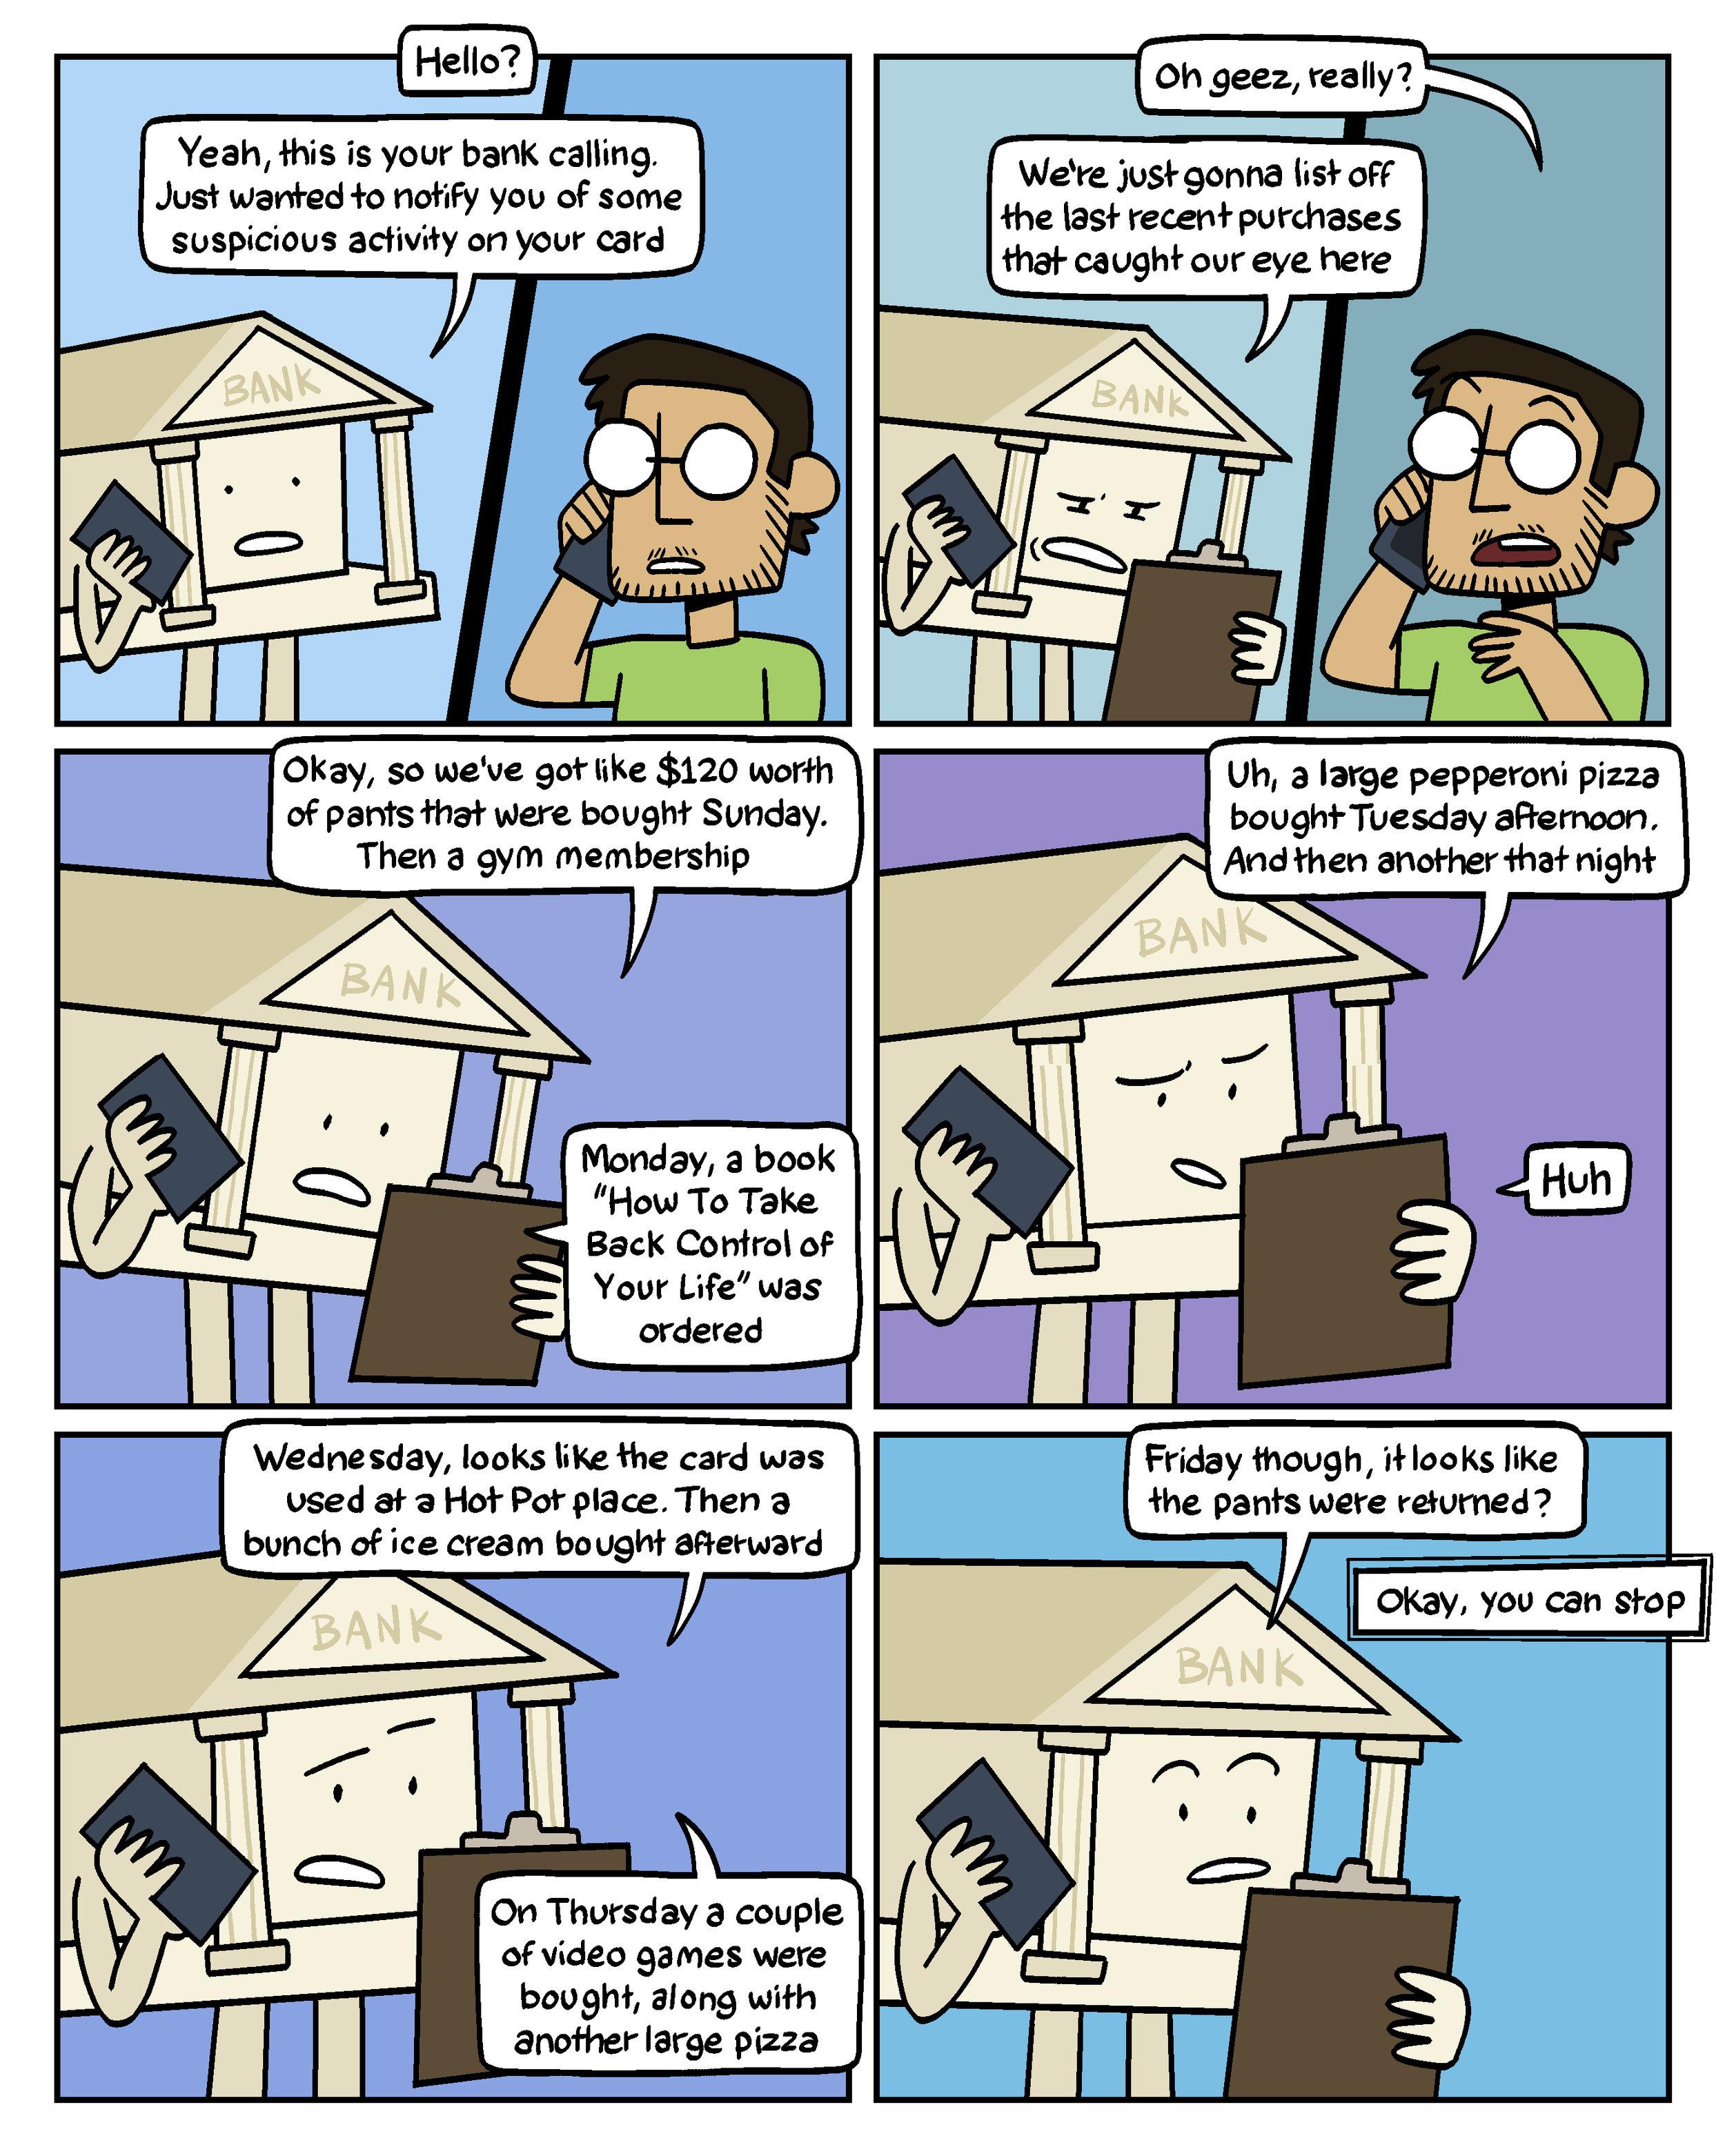 roughweekcomic.jpg